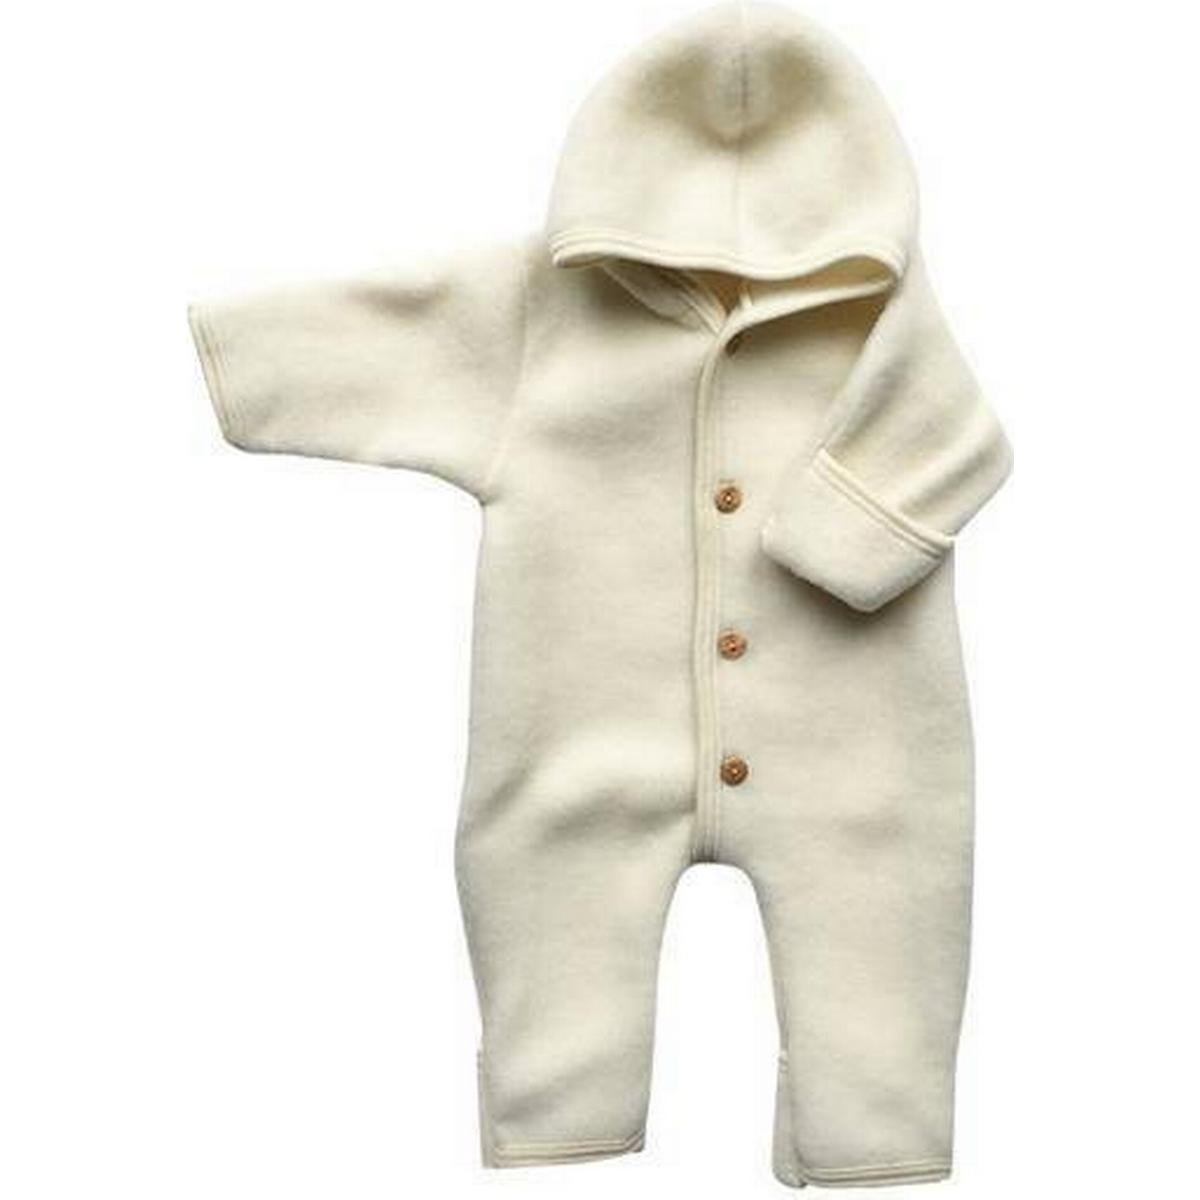 Engel Børnetøj (1000+ produkter) hos PriceRunner • Se